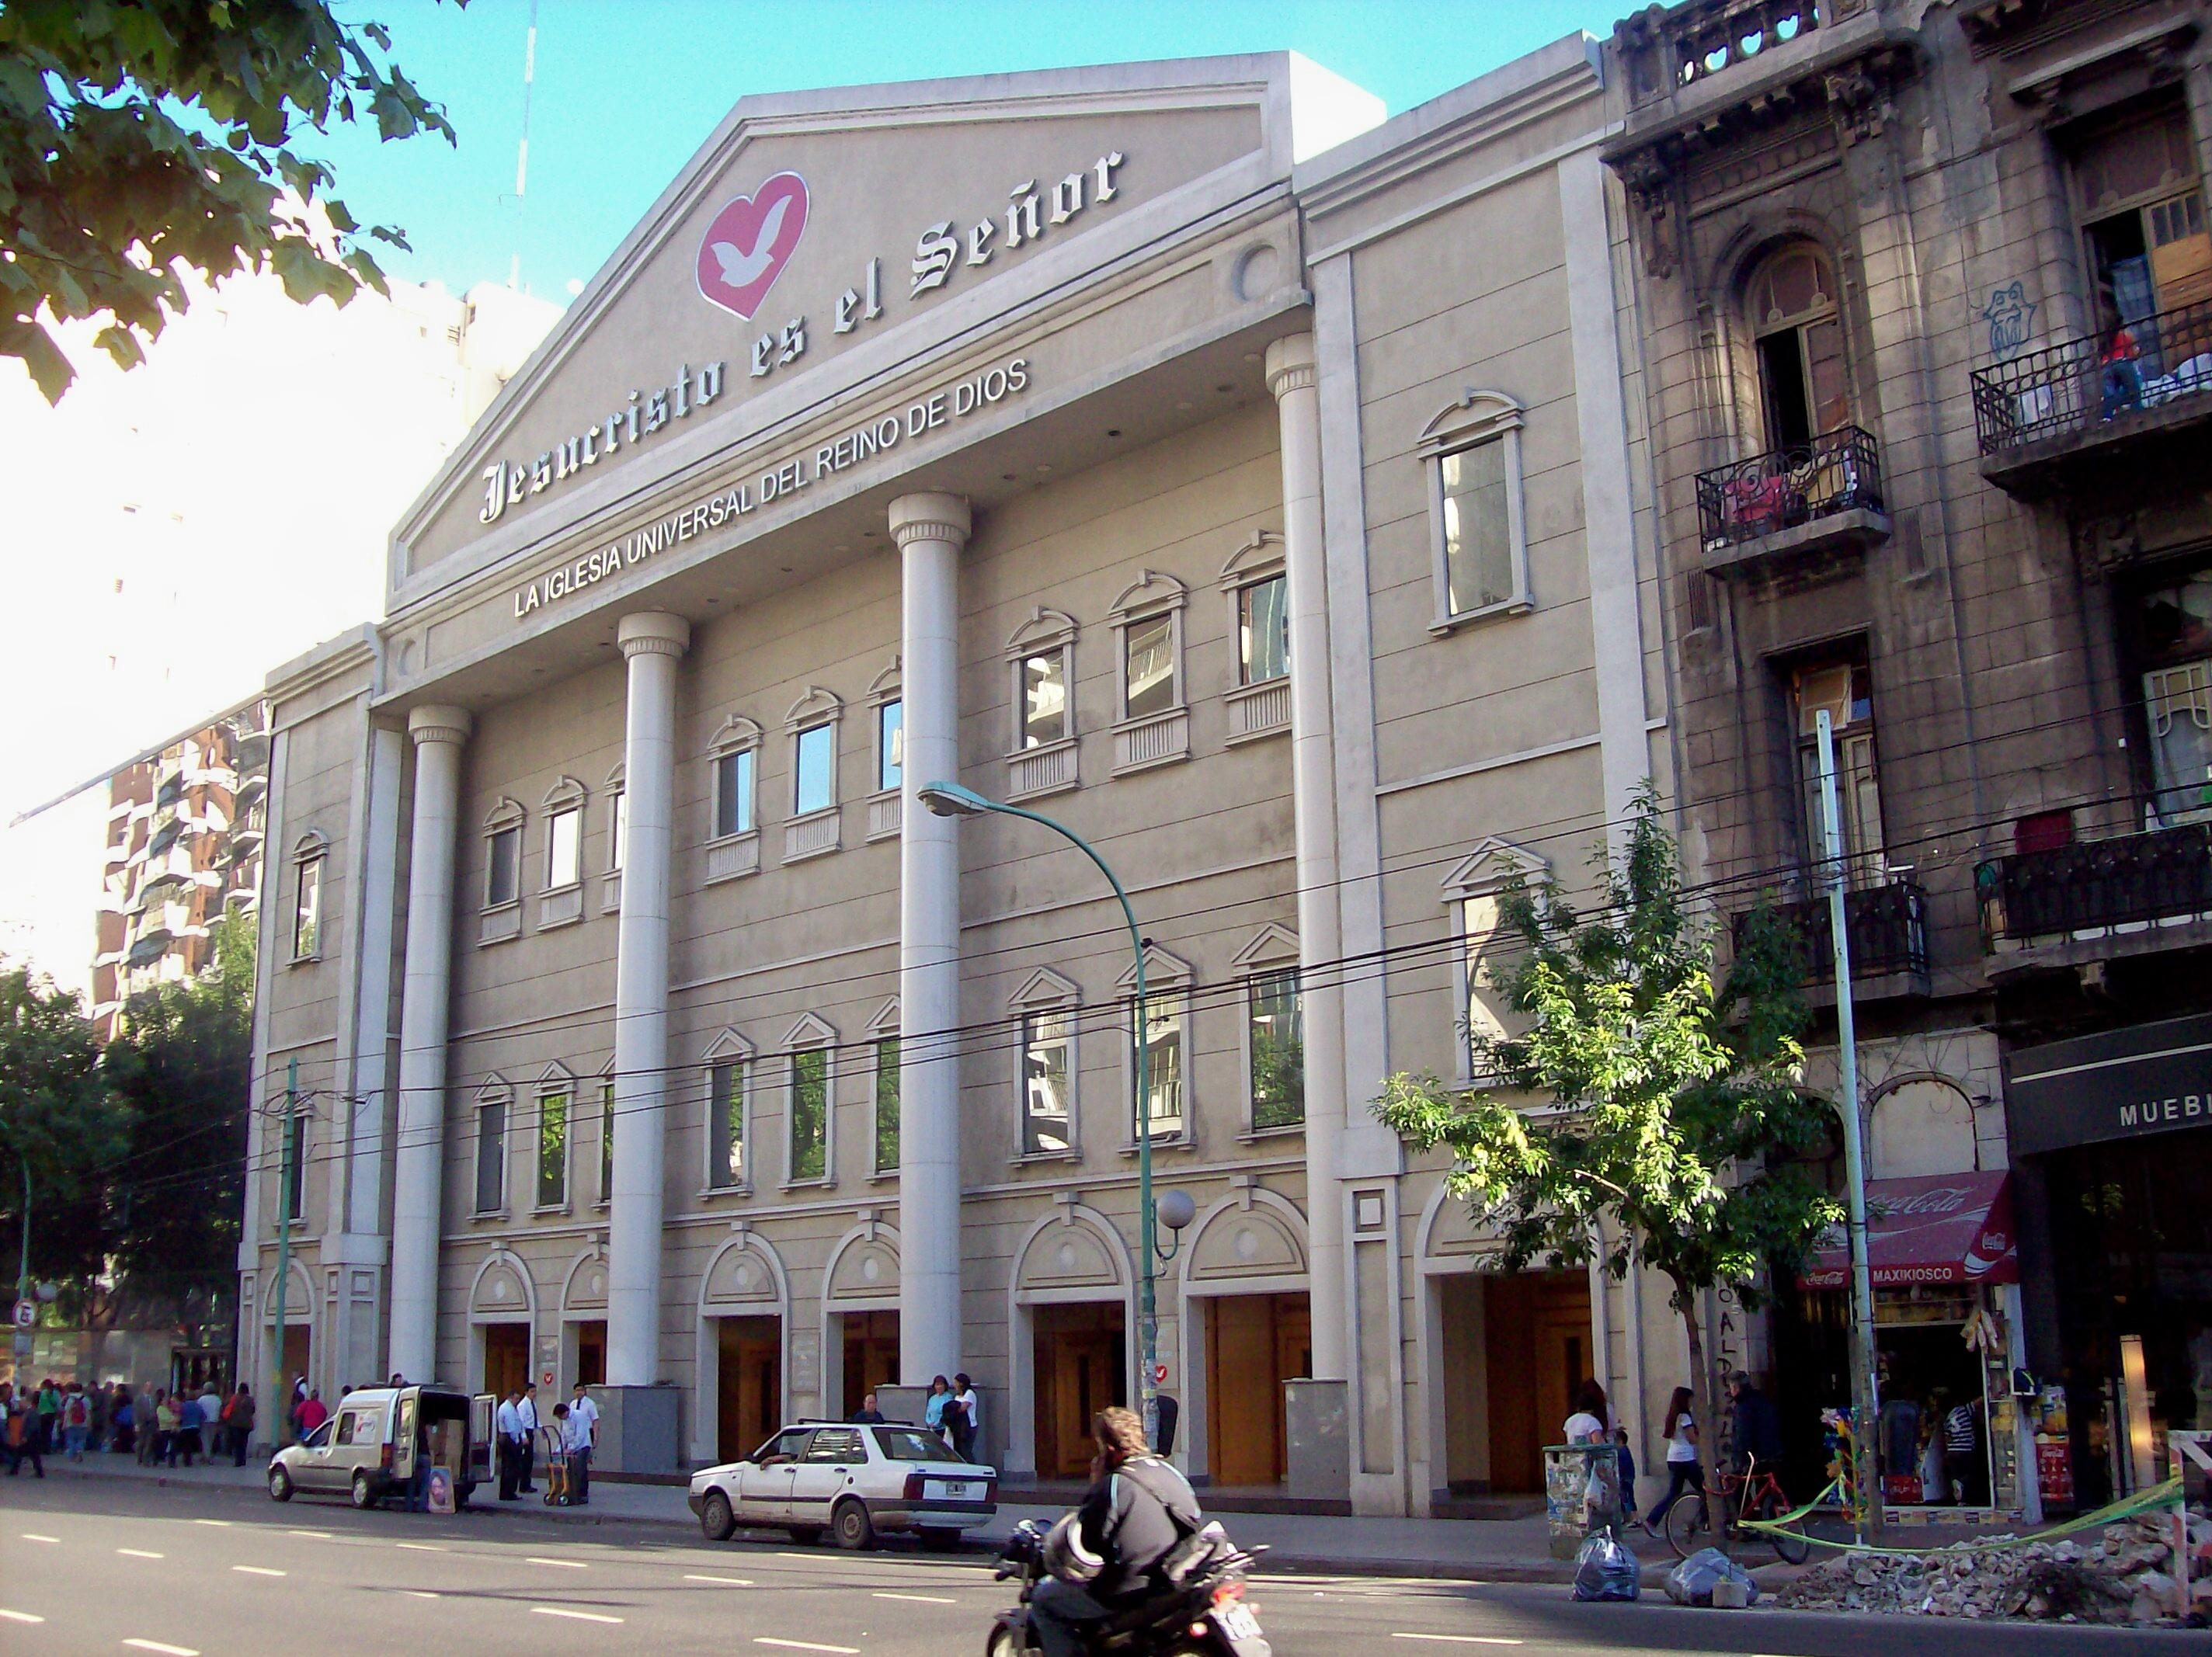 Resultado de imagen para argentina iglesias universal del reino de dios